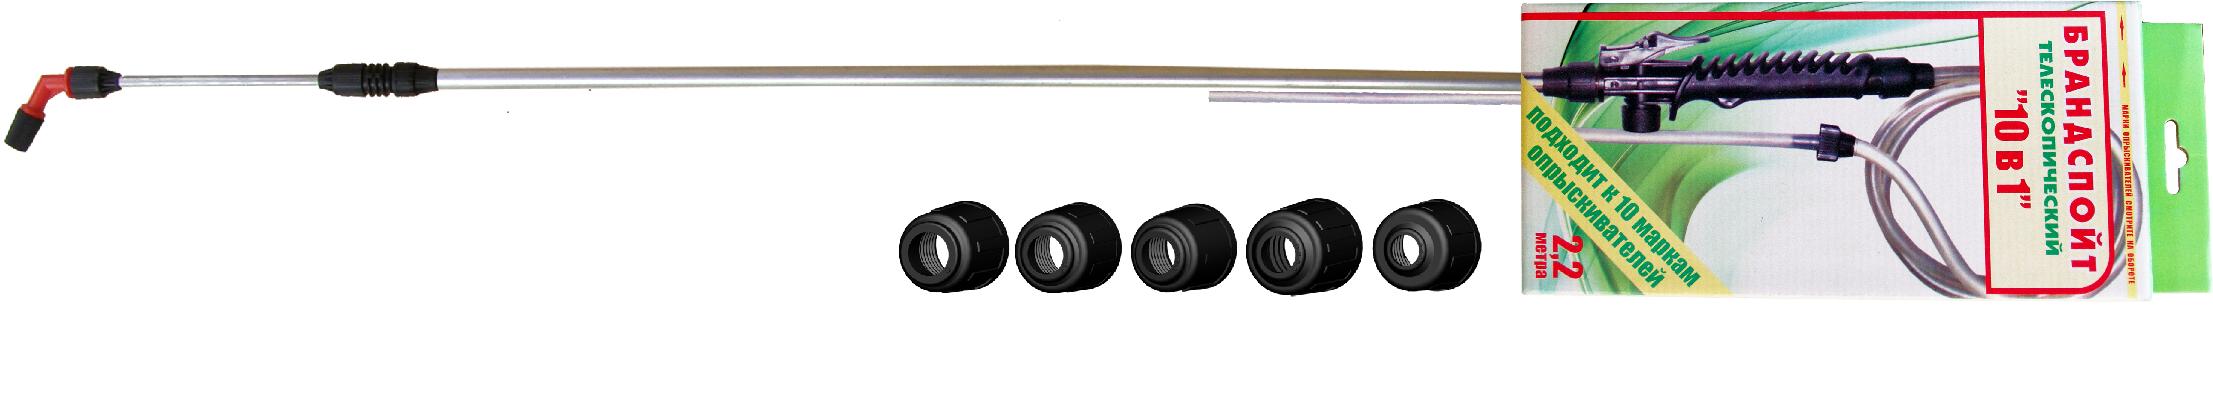 брандспойт к оп 204 жук 2.2 м телескопическая удочка